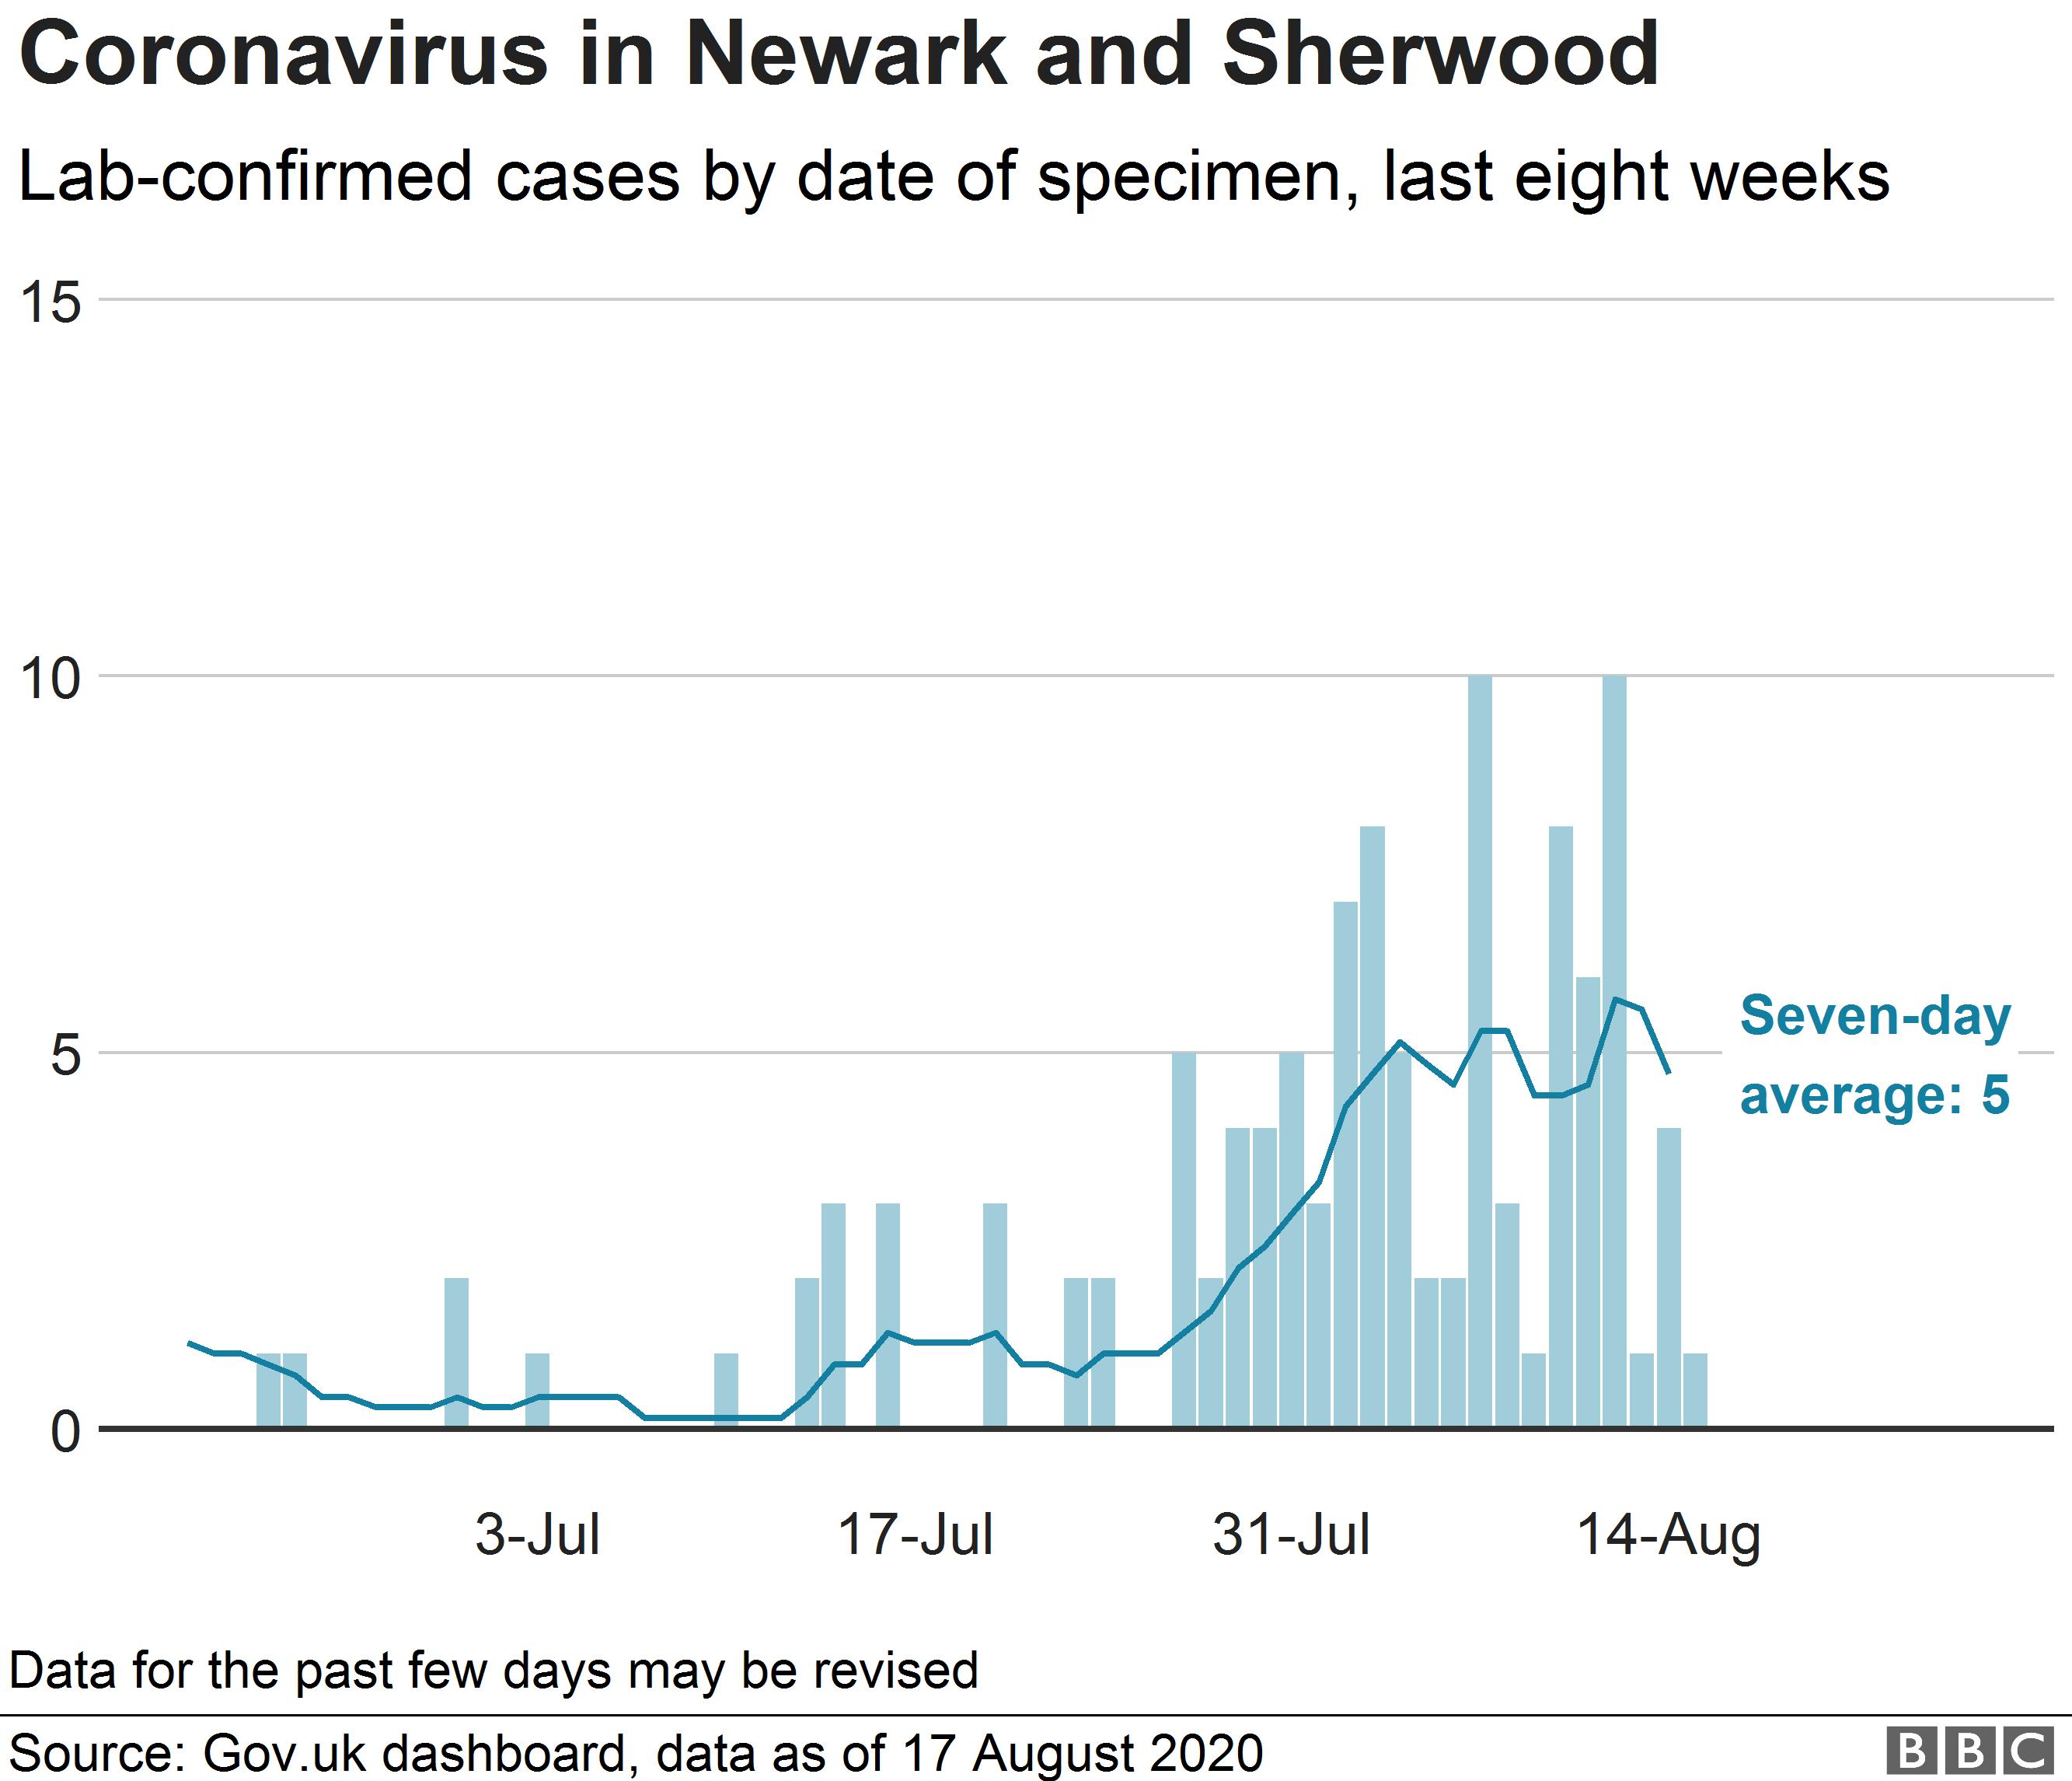 Chart showing coronavirus cases in Newark and Sherwood